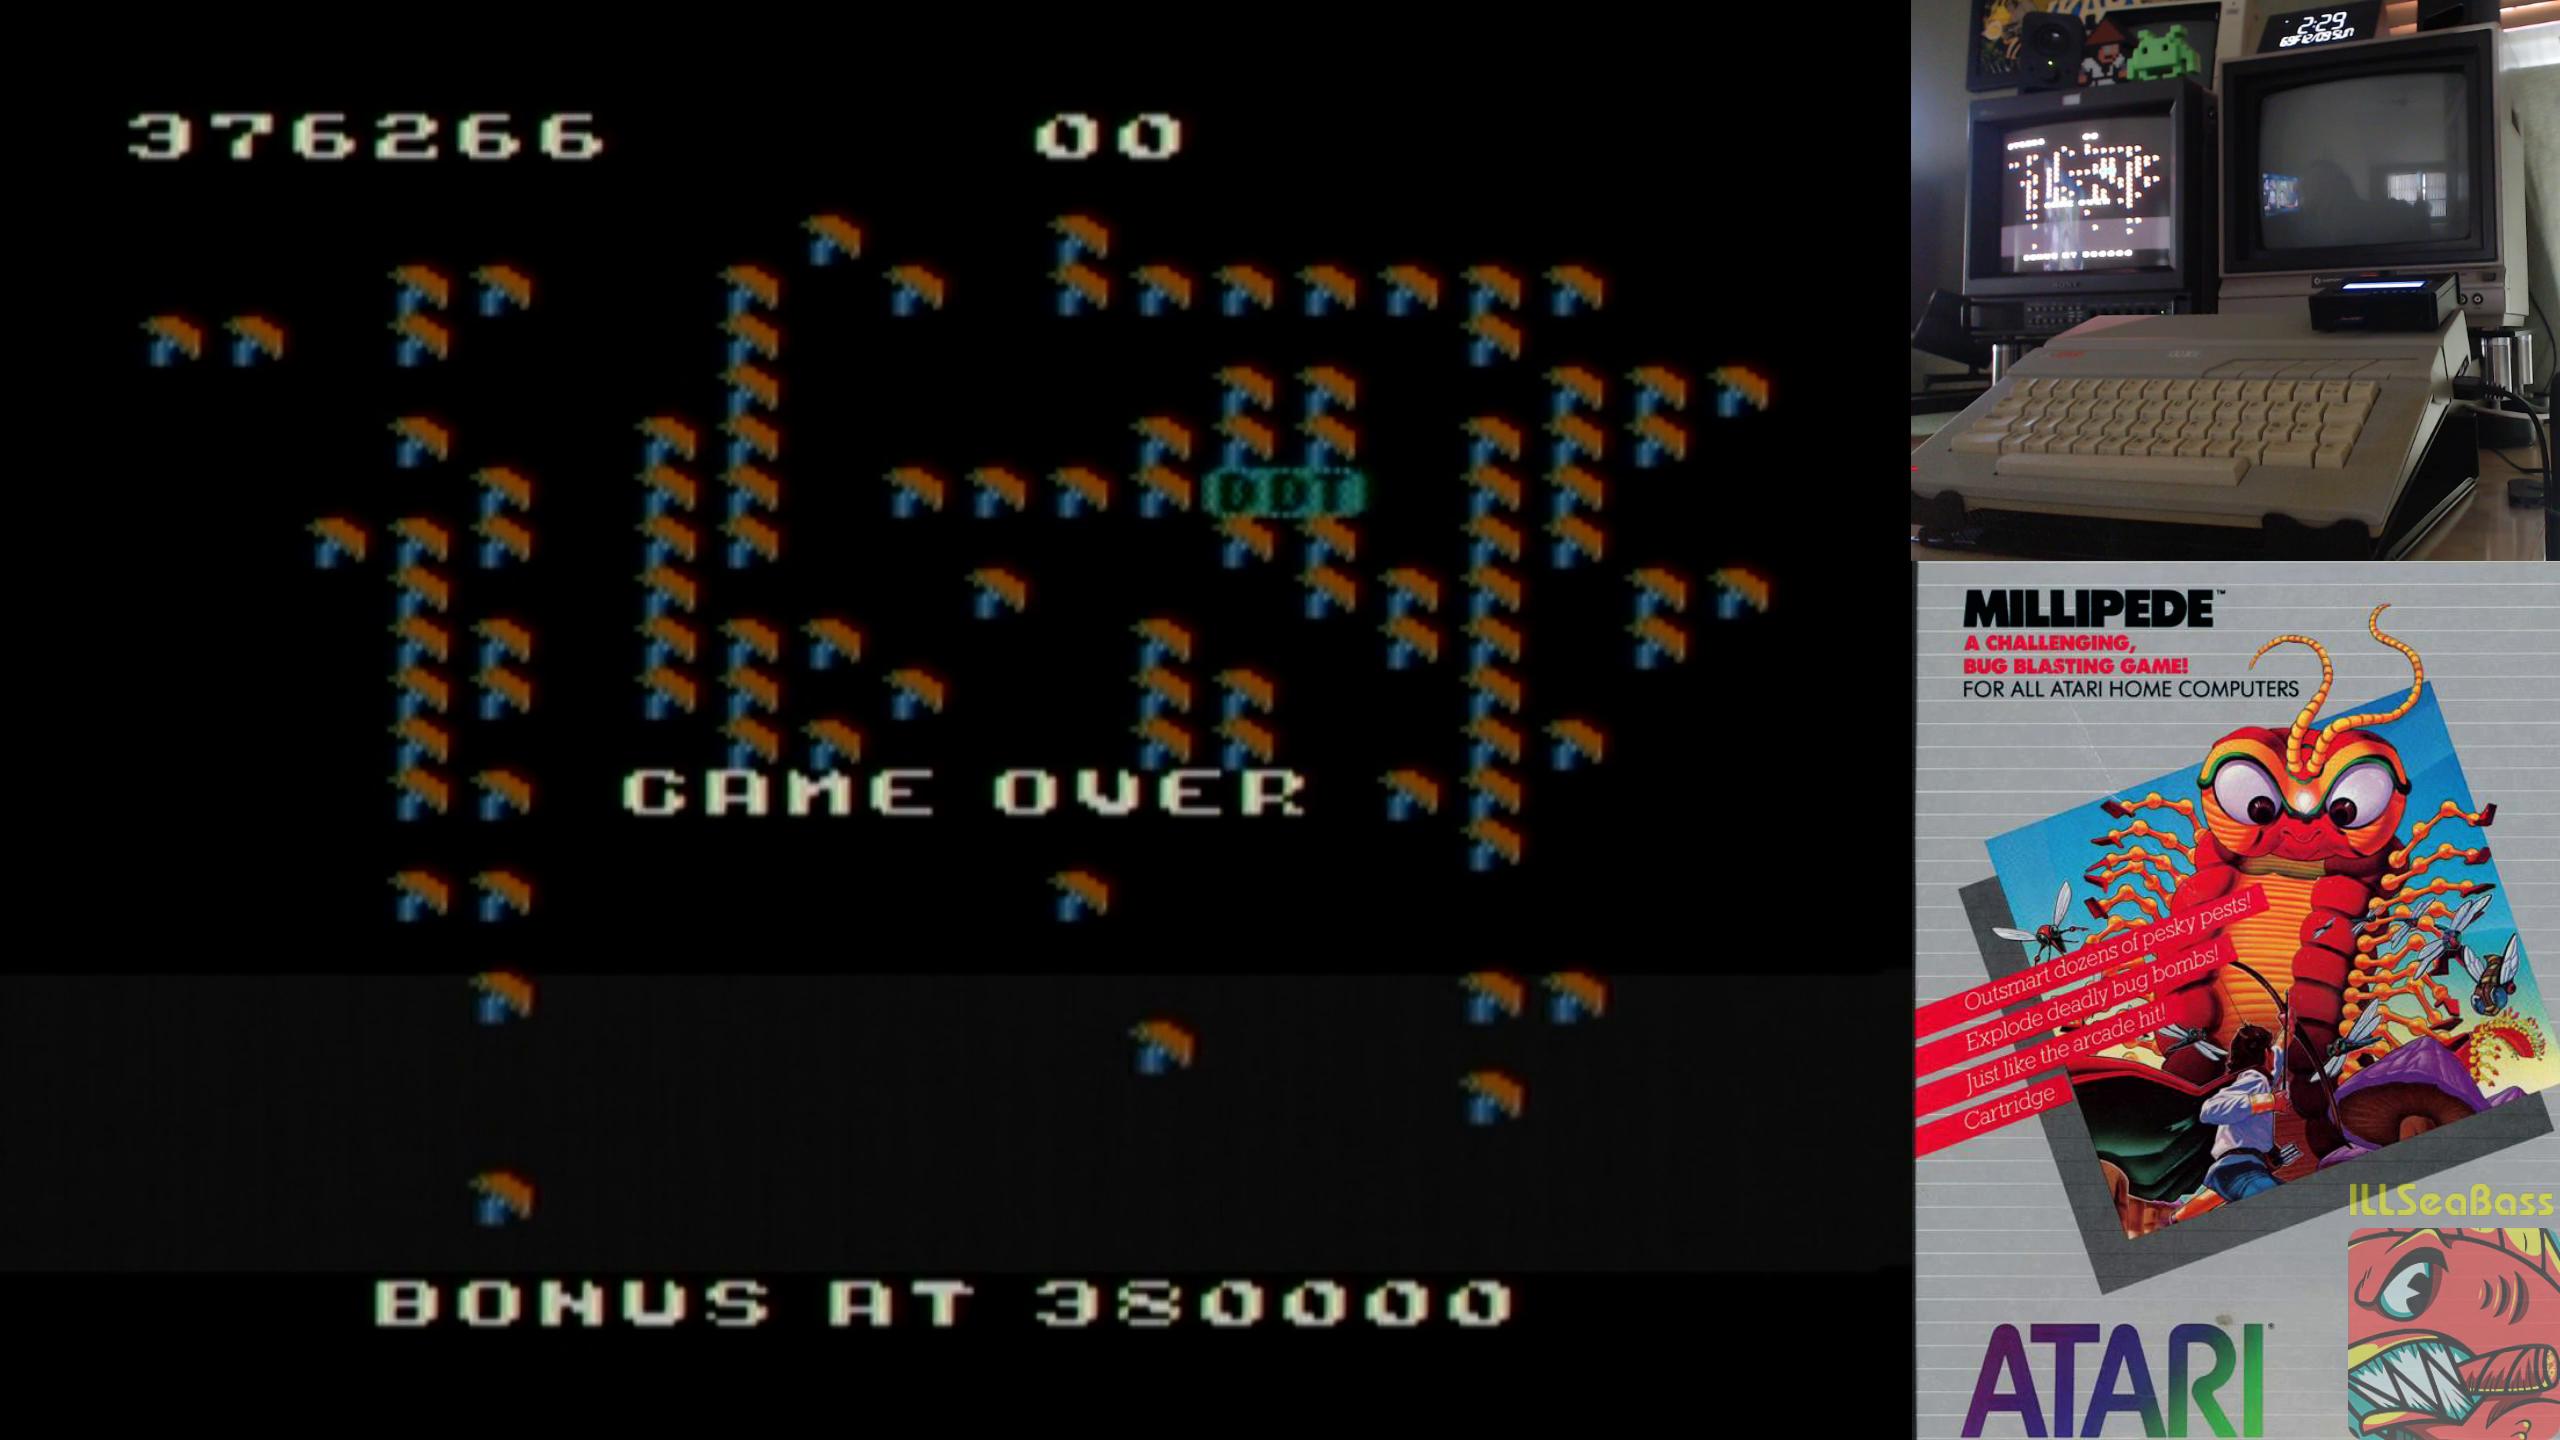 ILLSeaBass: Millipede (Atari 400/800/XL/XE) 376,266 points on 2018-12-09 15:51:29